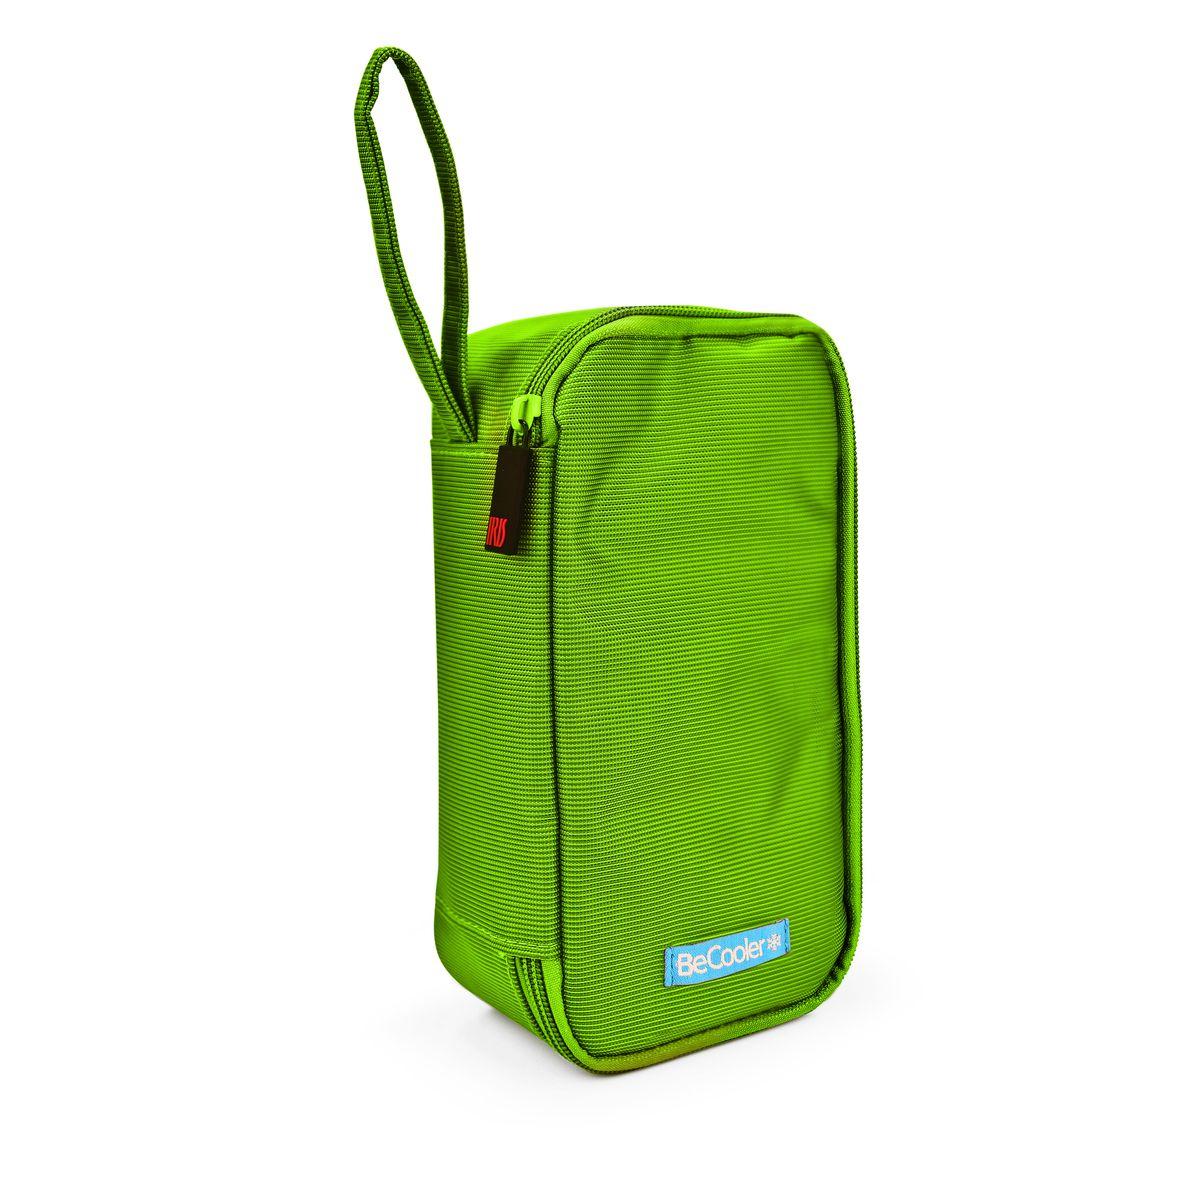 Термо ланч-бокс Iris NANO COOLER MyLunchbag, цвет: зеленыйVT-1520(SR)ТермоЛанчбокс NANO COOLER. Отлично сохраняет свежесть и вкус продукта на несколько часов. Пригодится везде: на прогулке, на работе, учебе и т.д. С ним легко справится даже ребенок! Рекомендуется регулярно стирать вручную в теплой воде с мылом.Сделан из полиэстера